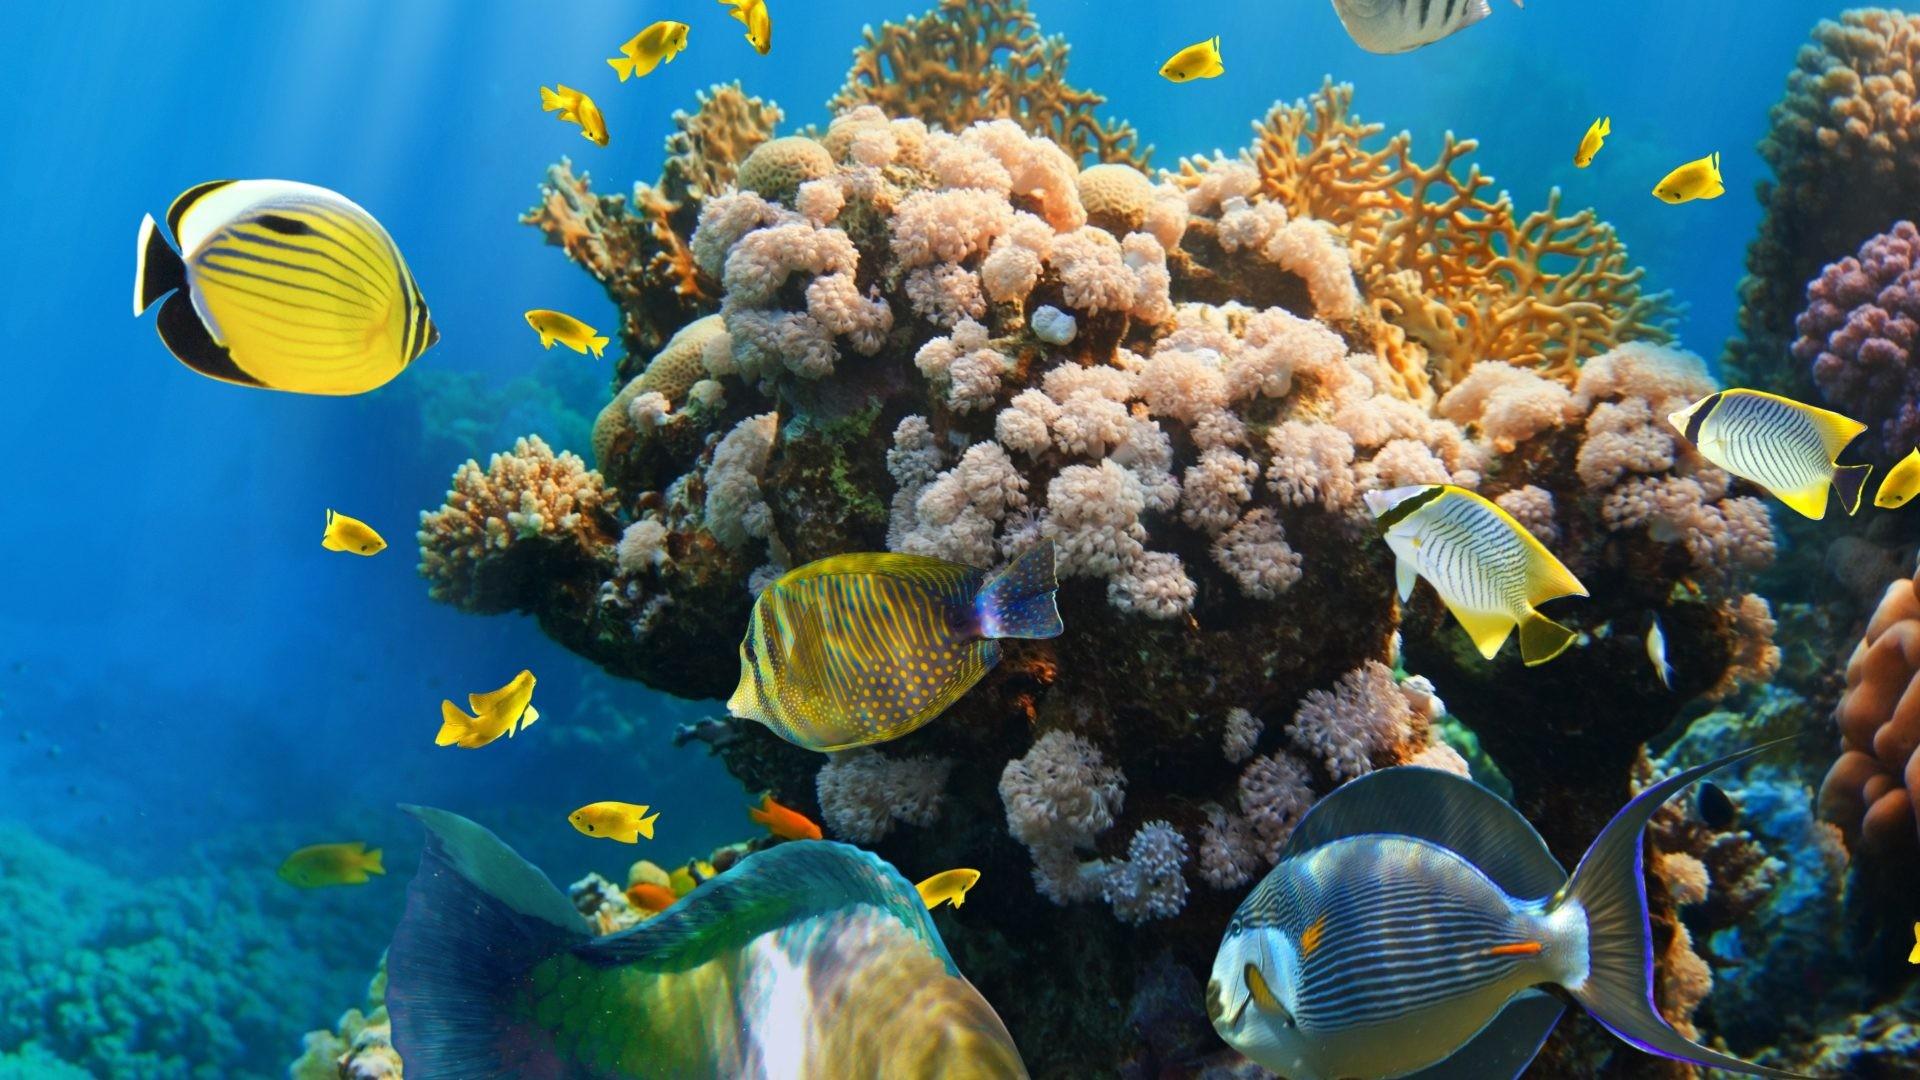 Tropical Fishes Reef Underwater Ocean Coral Reefs Wallpaper Hd Detail